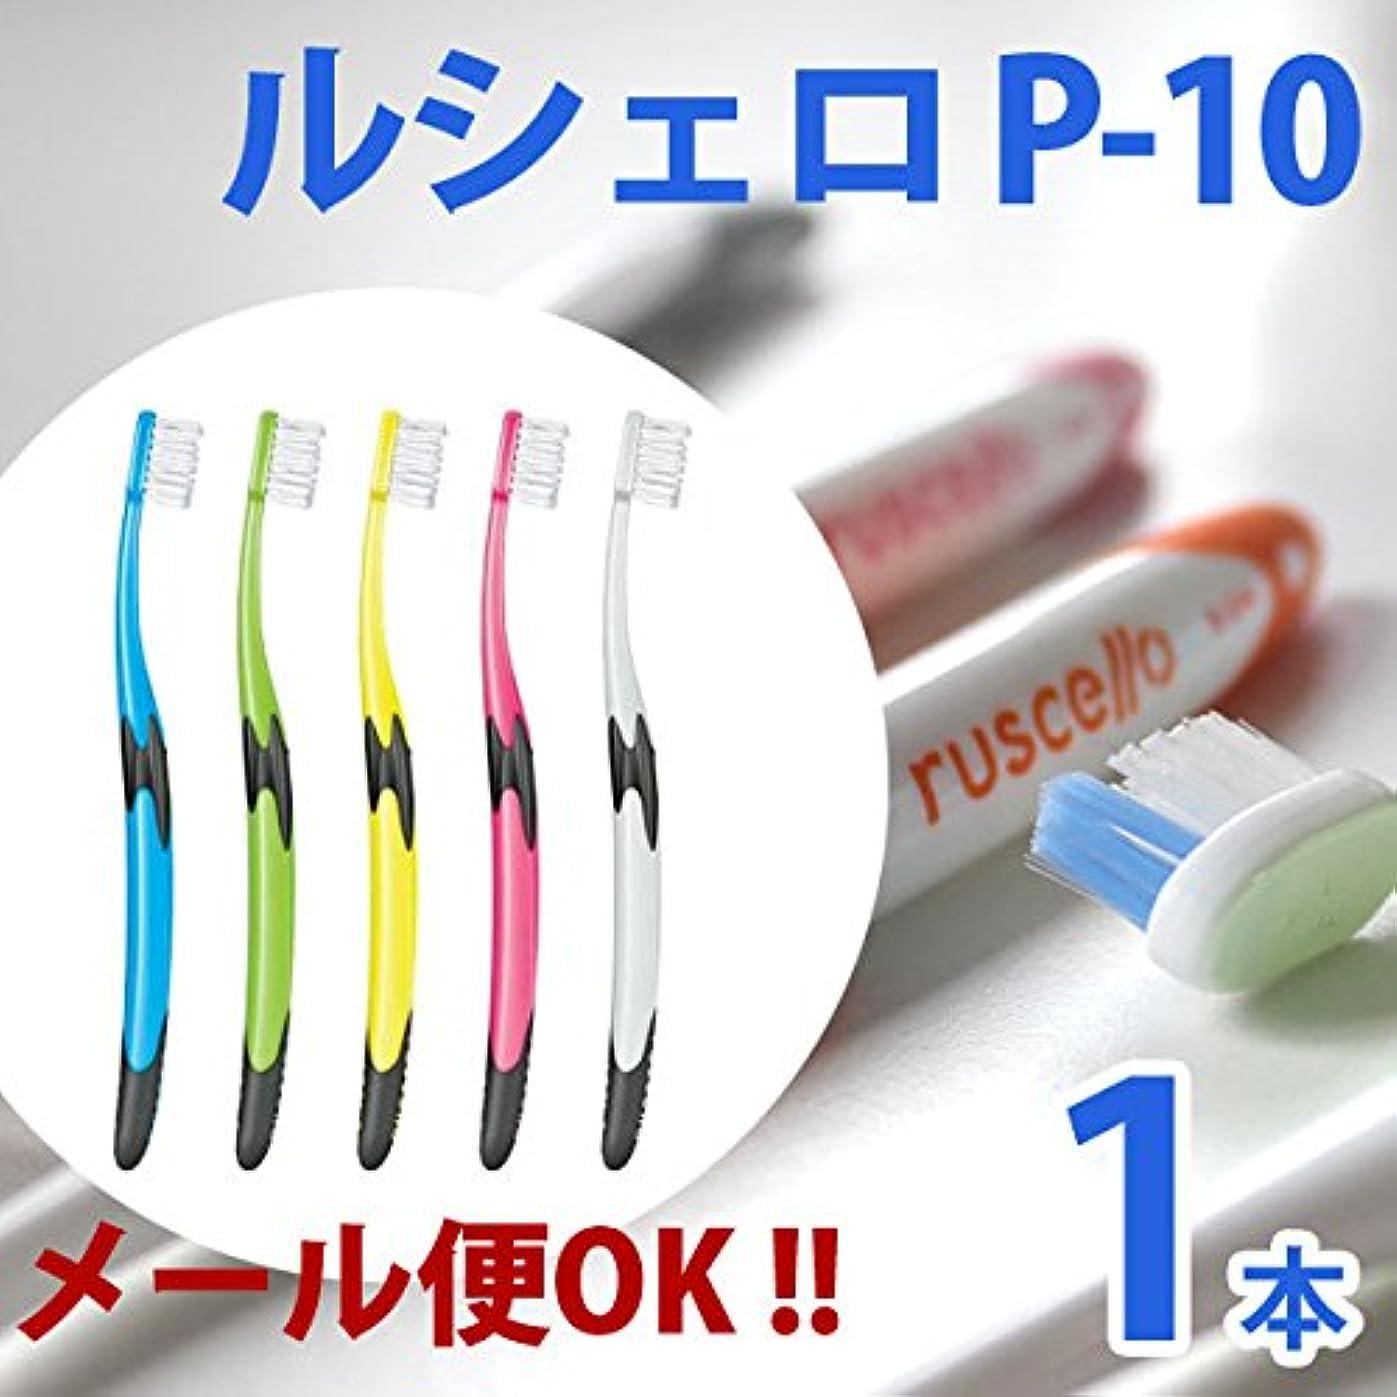 登録要求する不忠ルシェロ ルシェロ 歯ブラシP-10 1本 単品 S